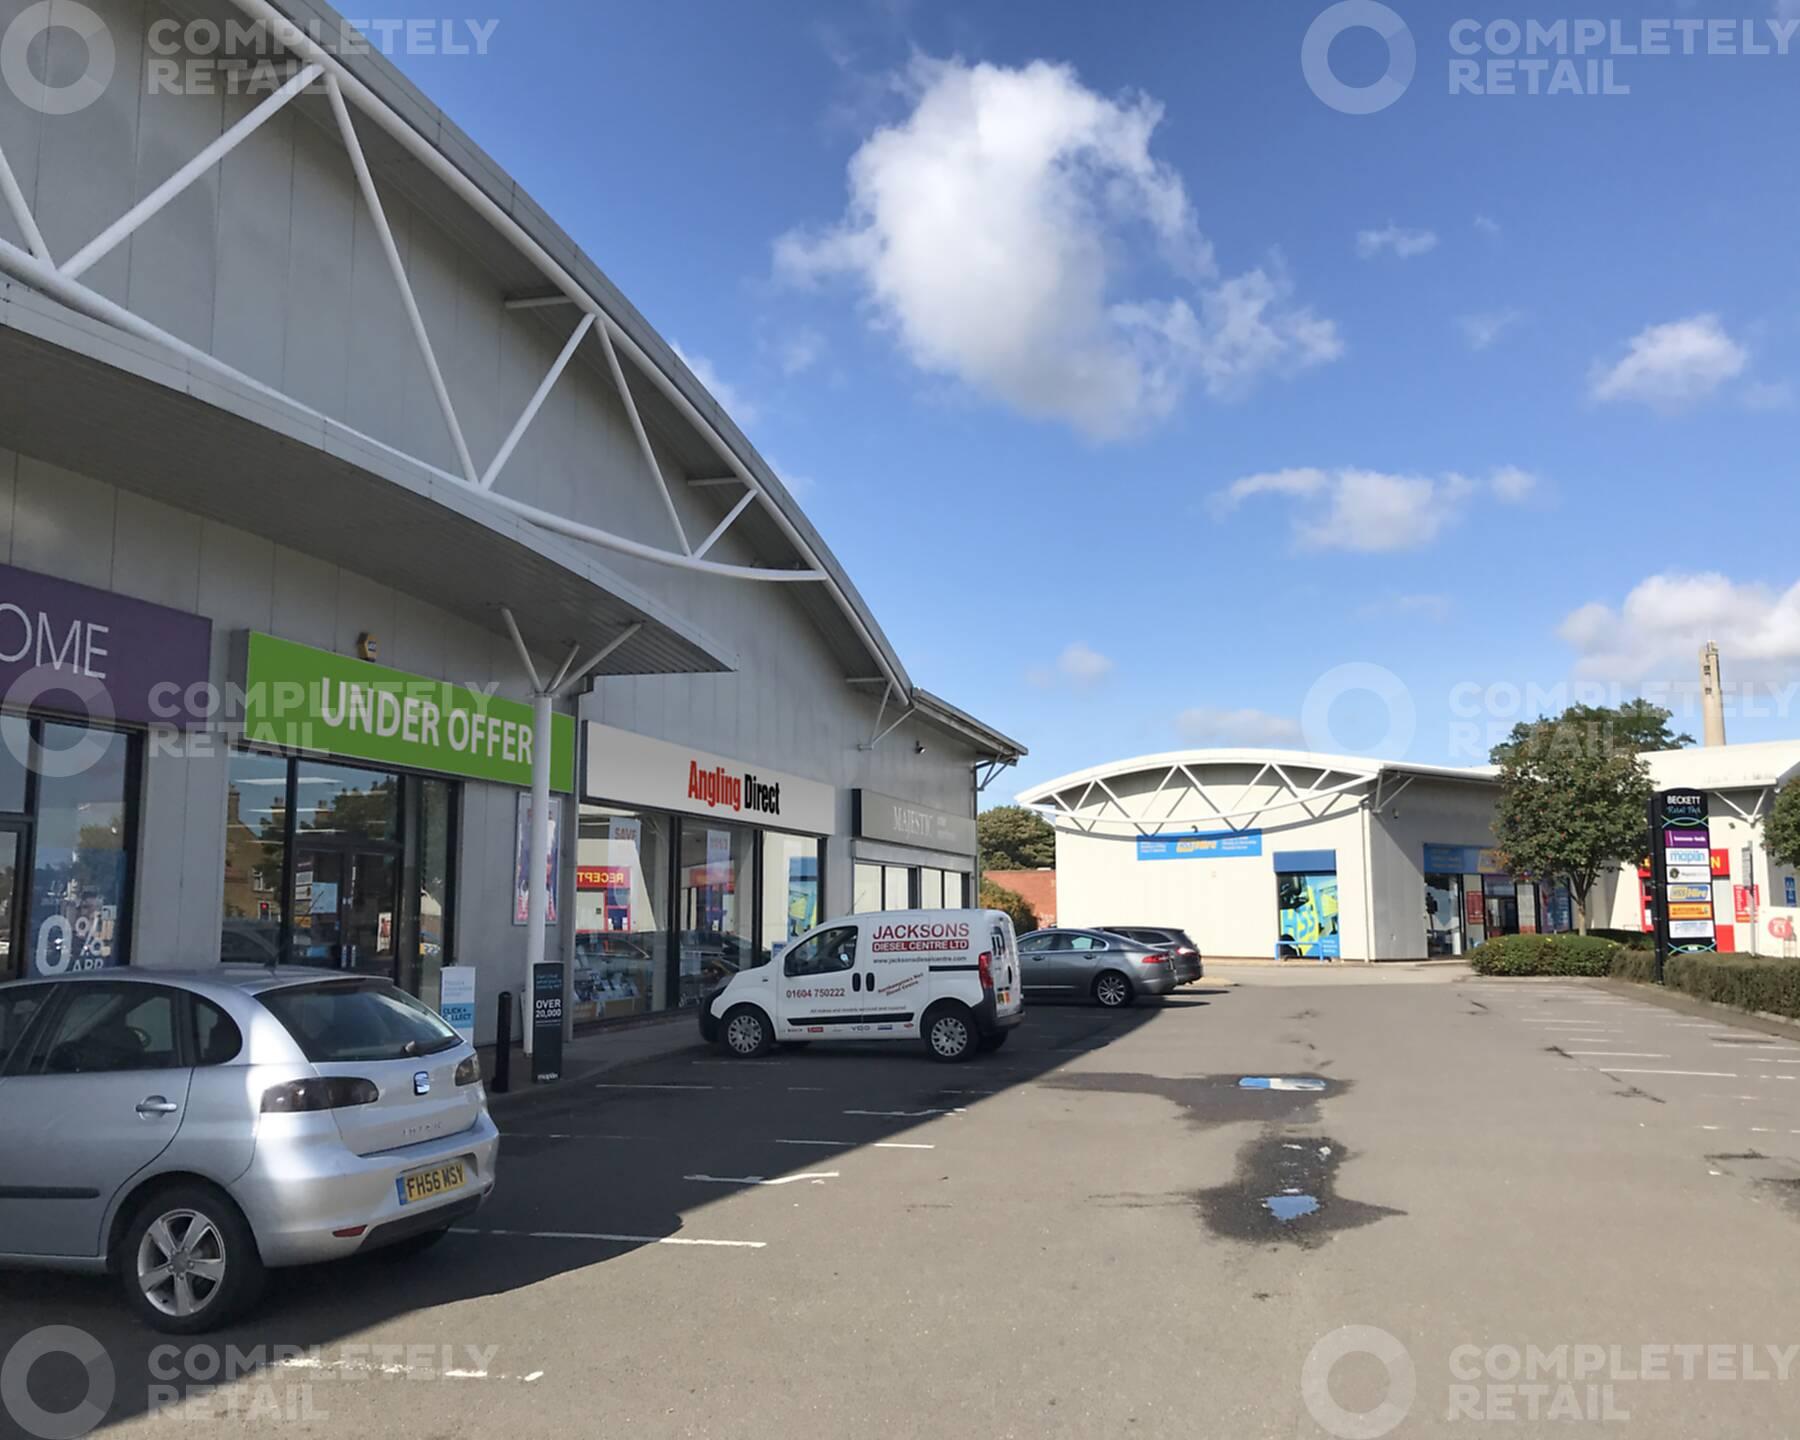 Beckett Retail Park